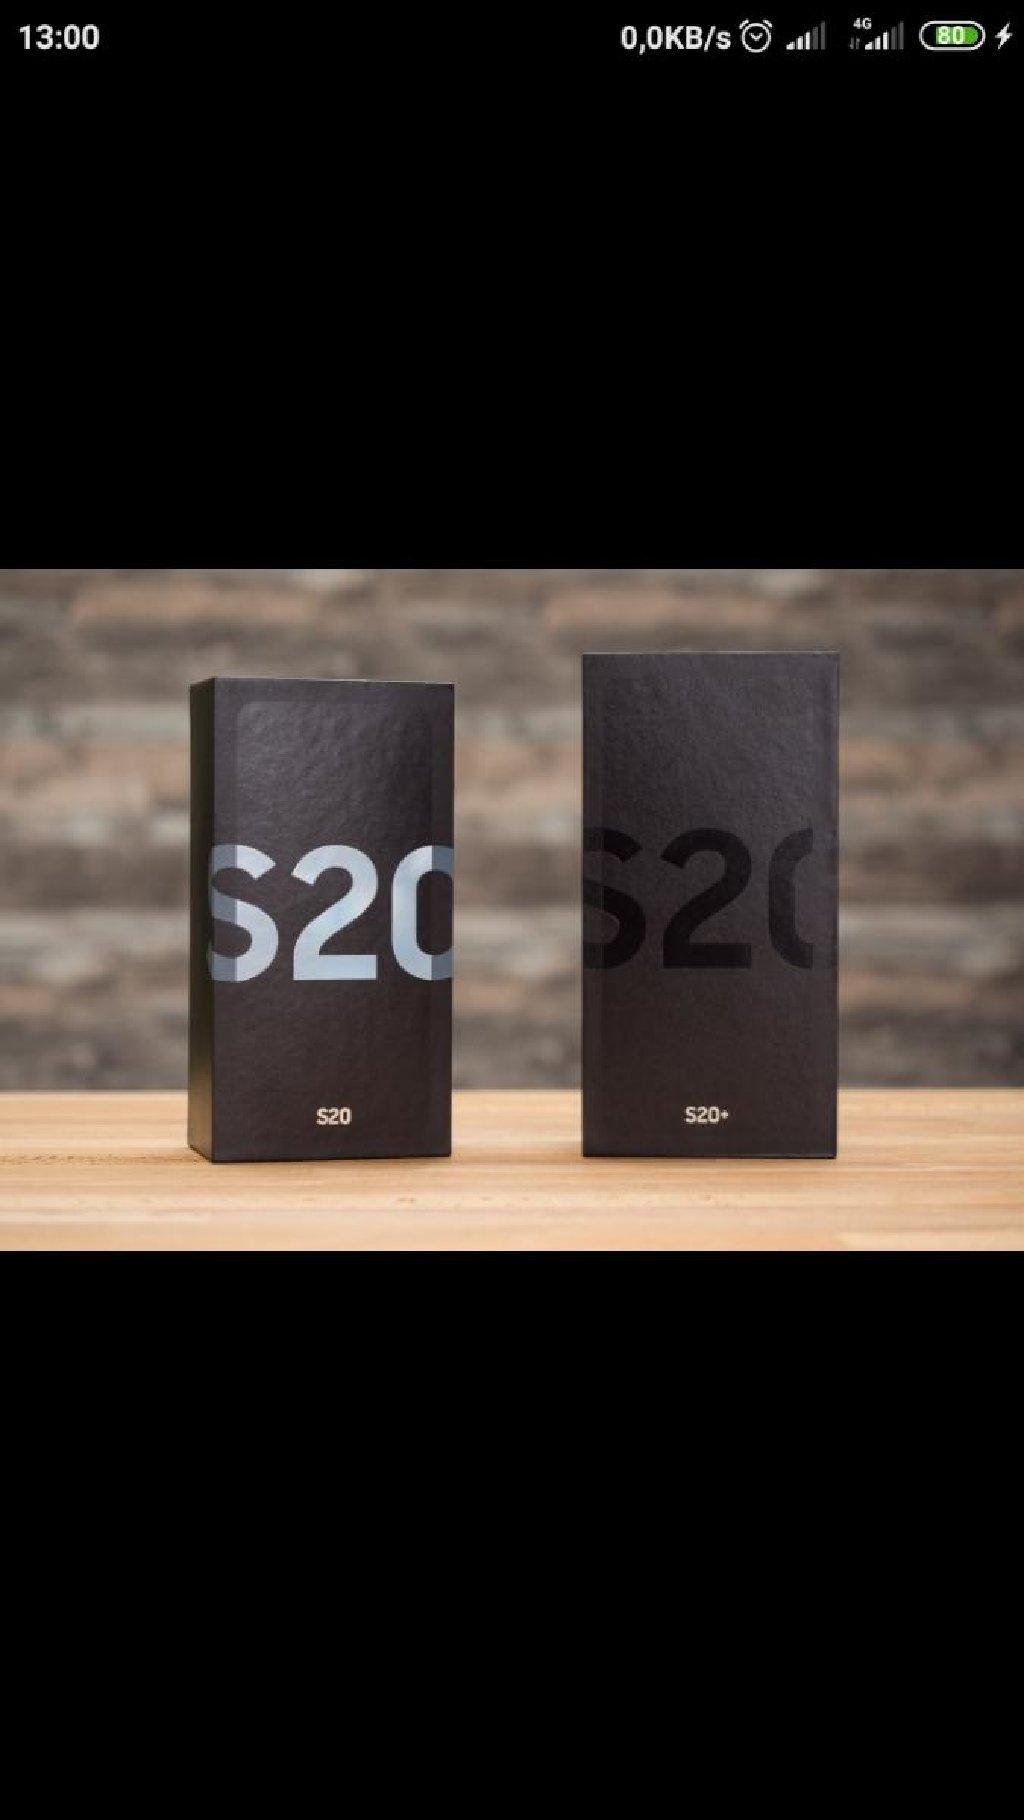 Καινούργιο Samsung Galaxy S20 128 GB